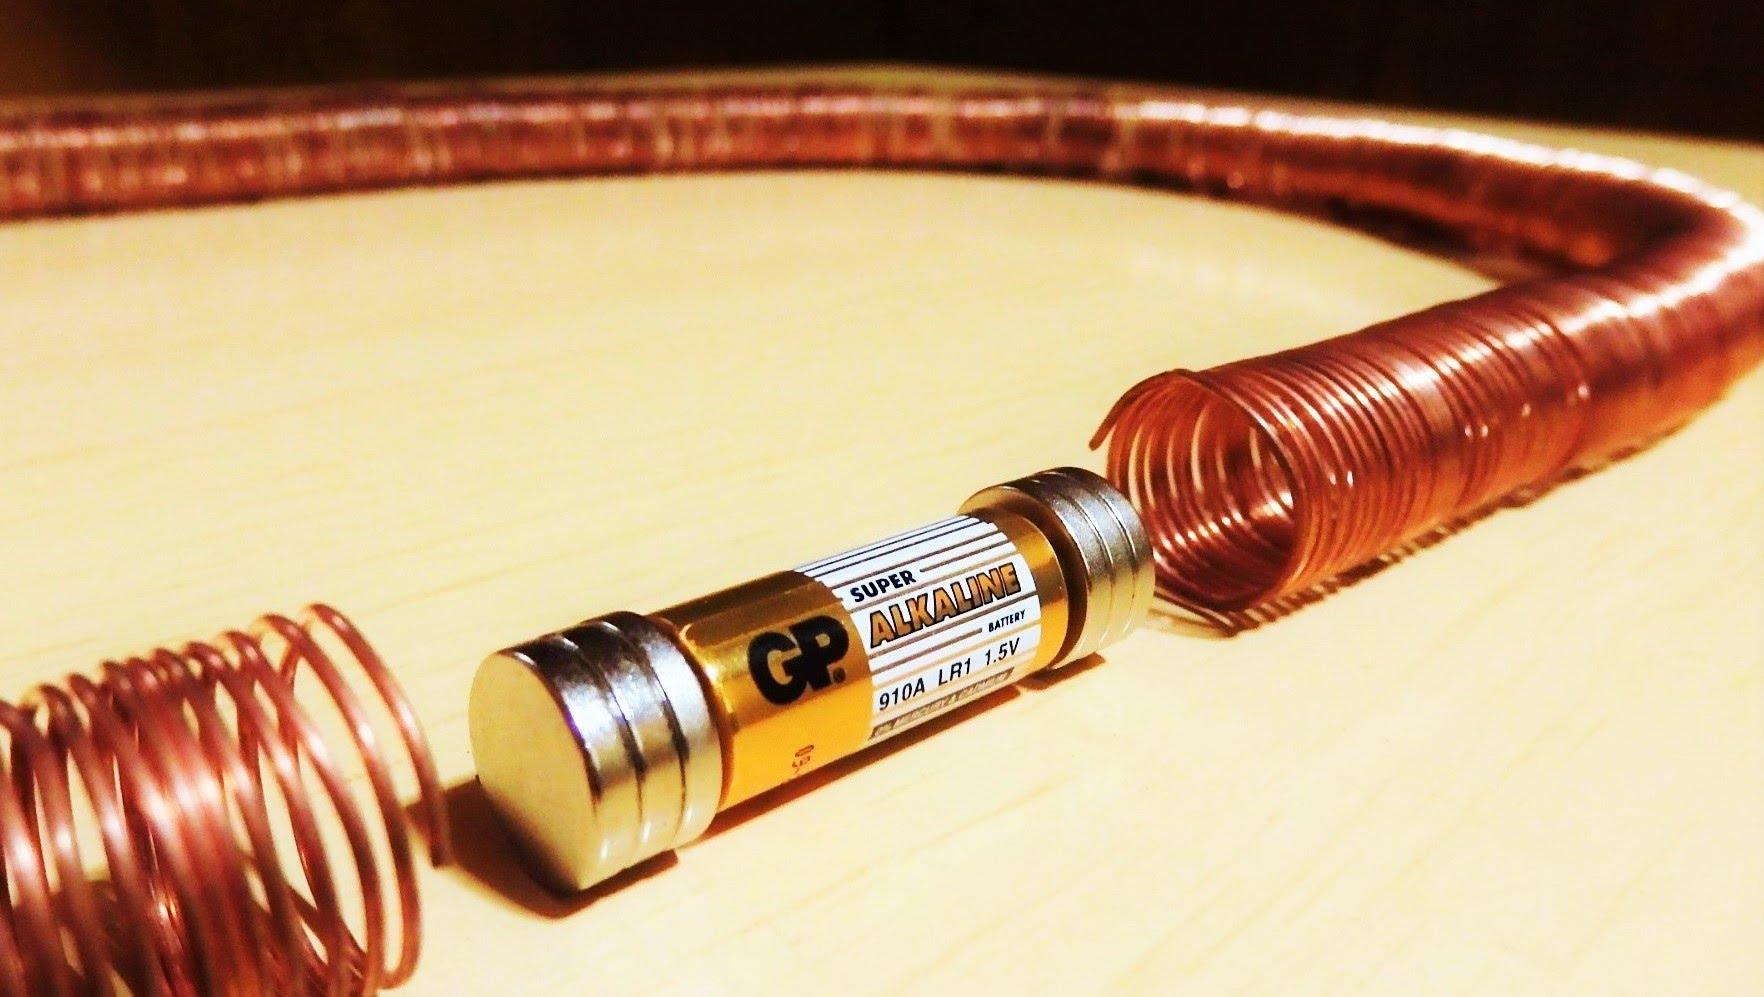 Со парче бакарна жица и потрошена батерија направи нешто со што импресионира милиони!